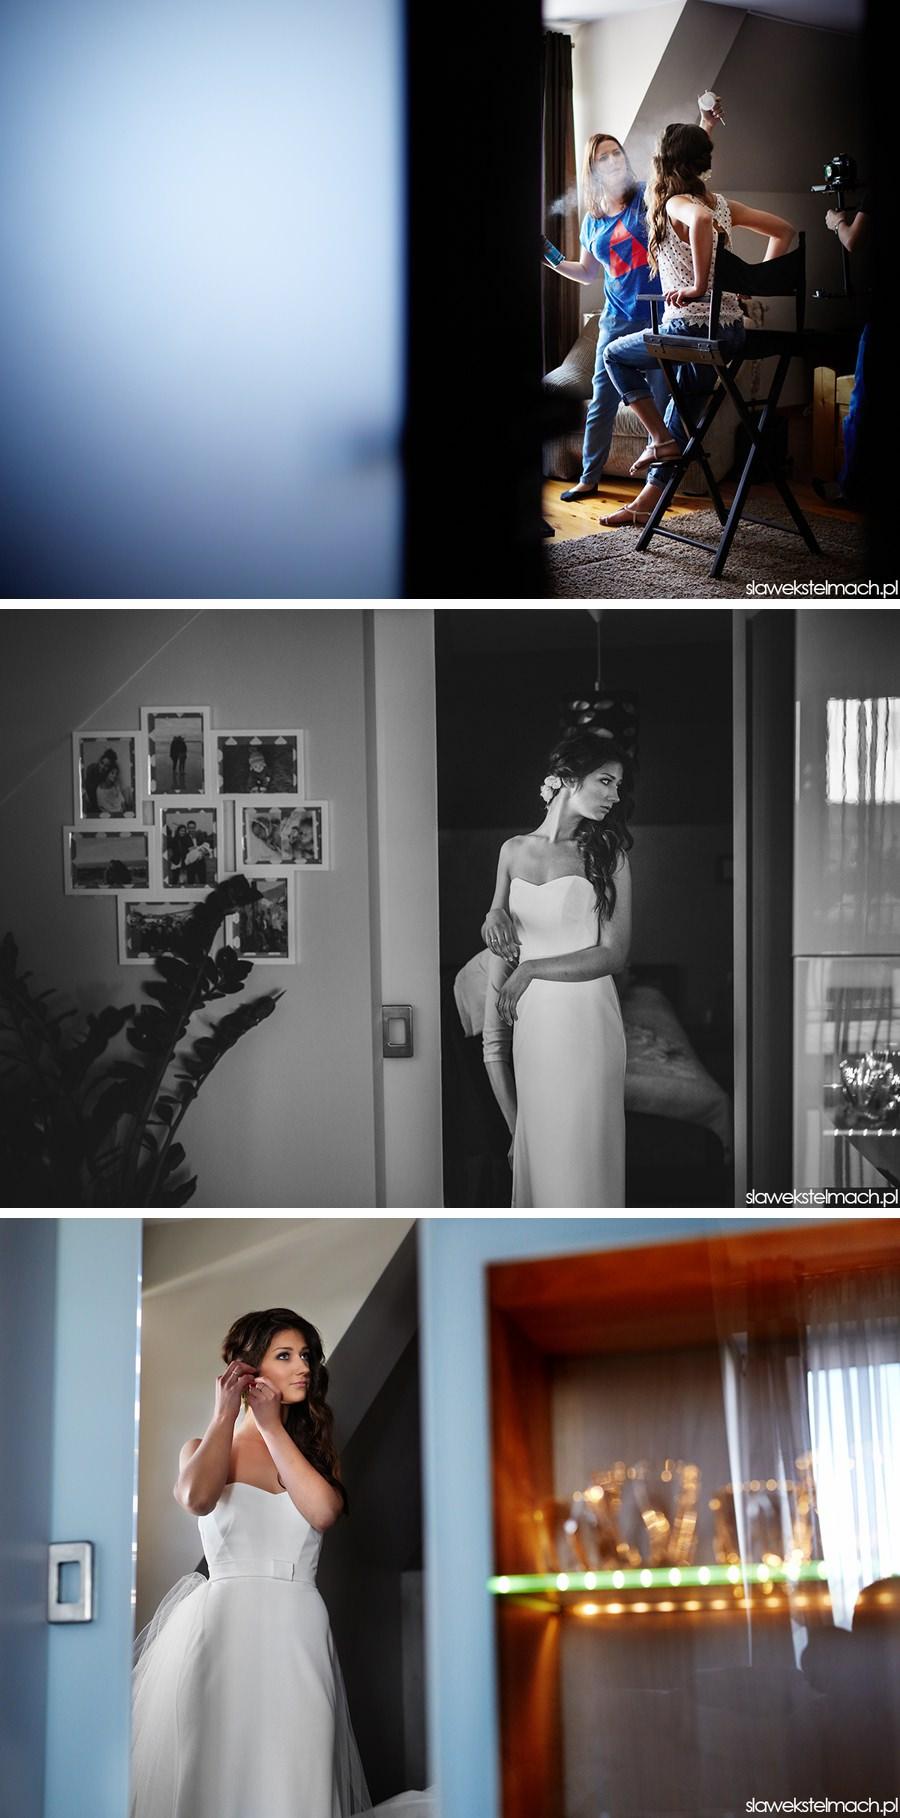 004-AngelikaBartek-fotografia-ślubna-wojnicz